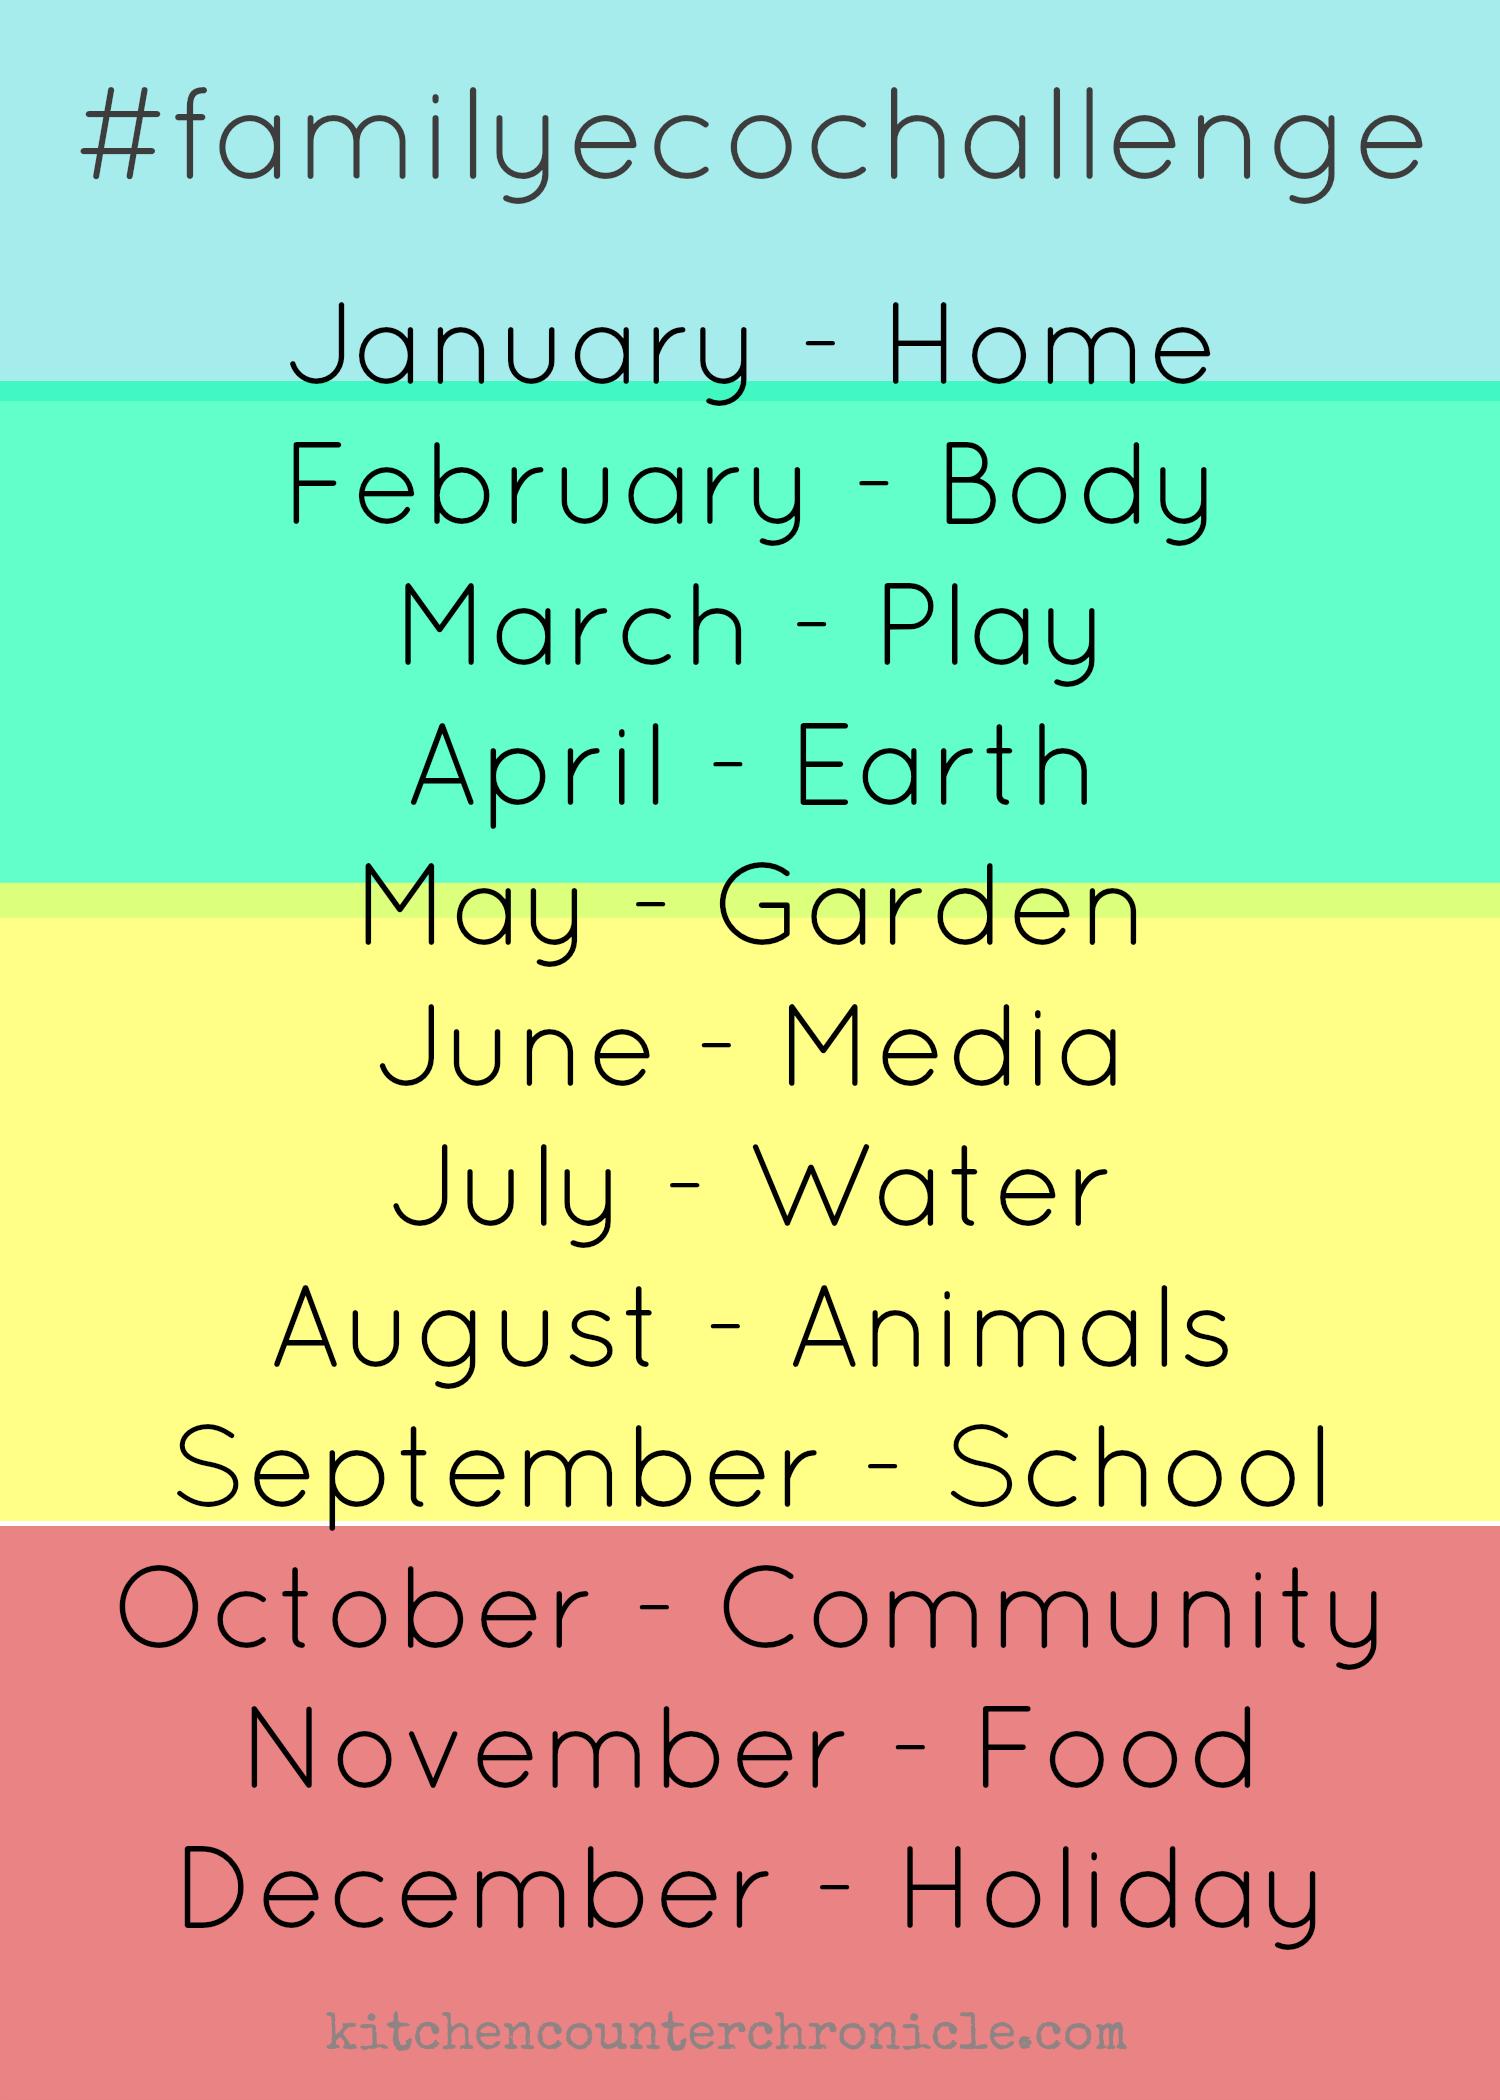 family eco-challenge 2015